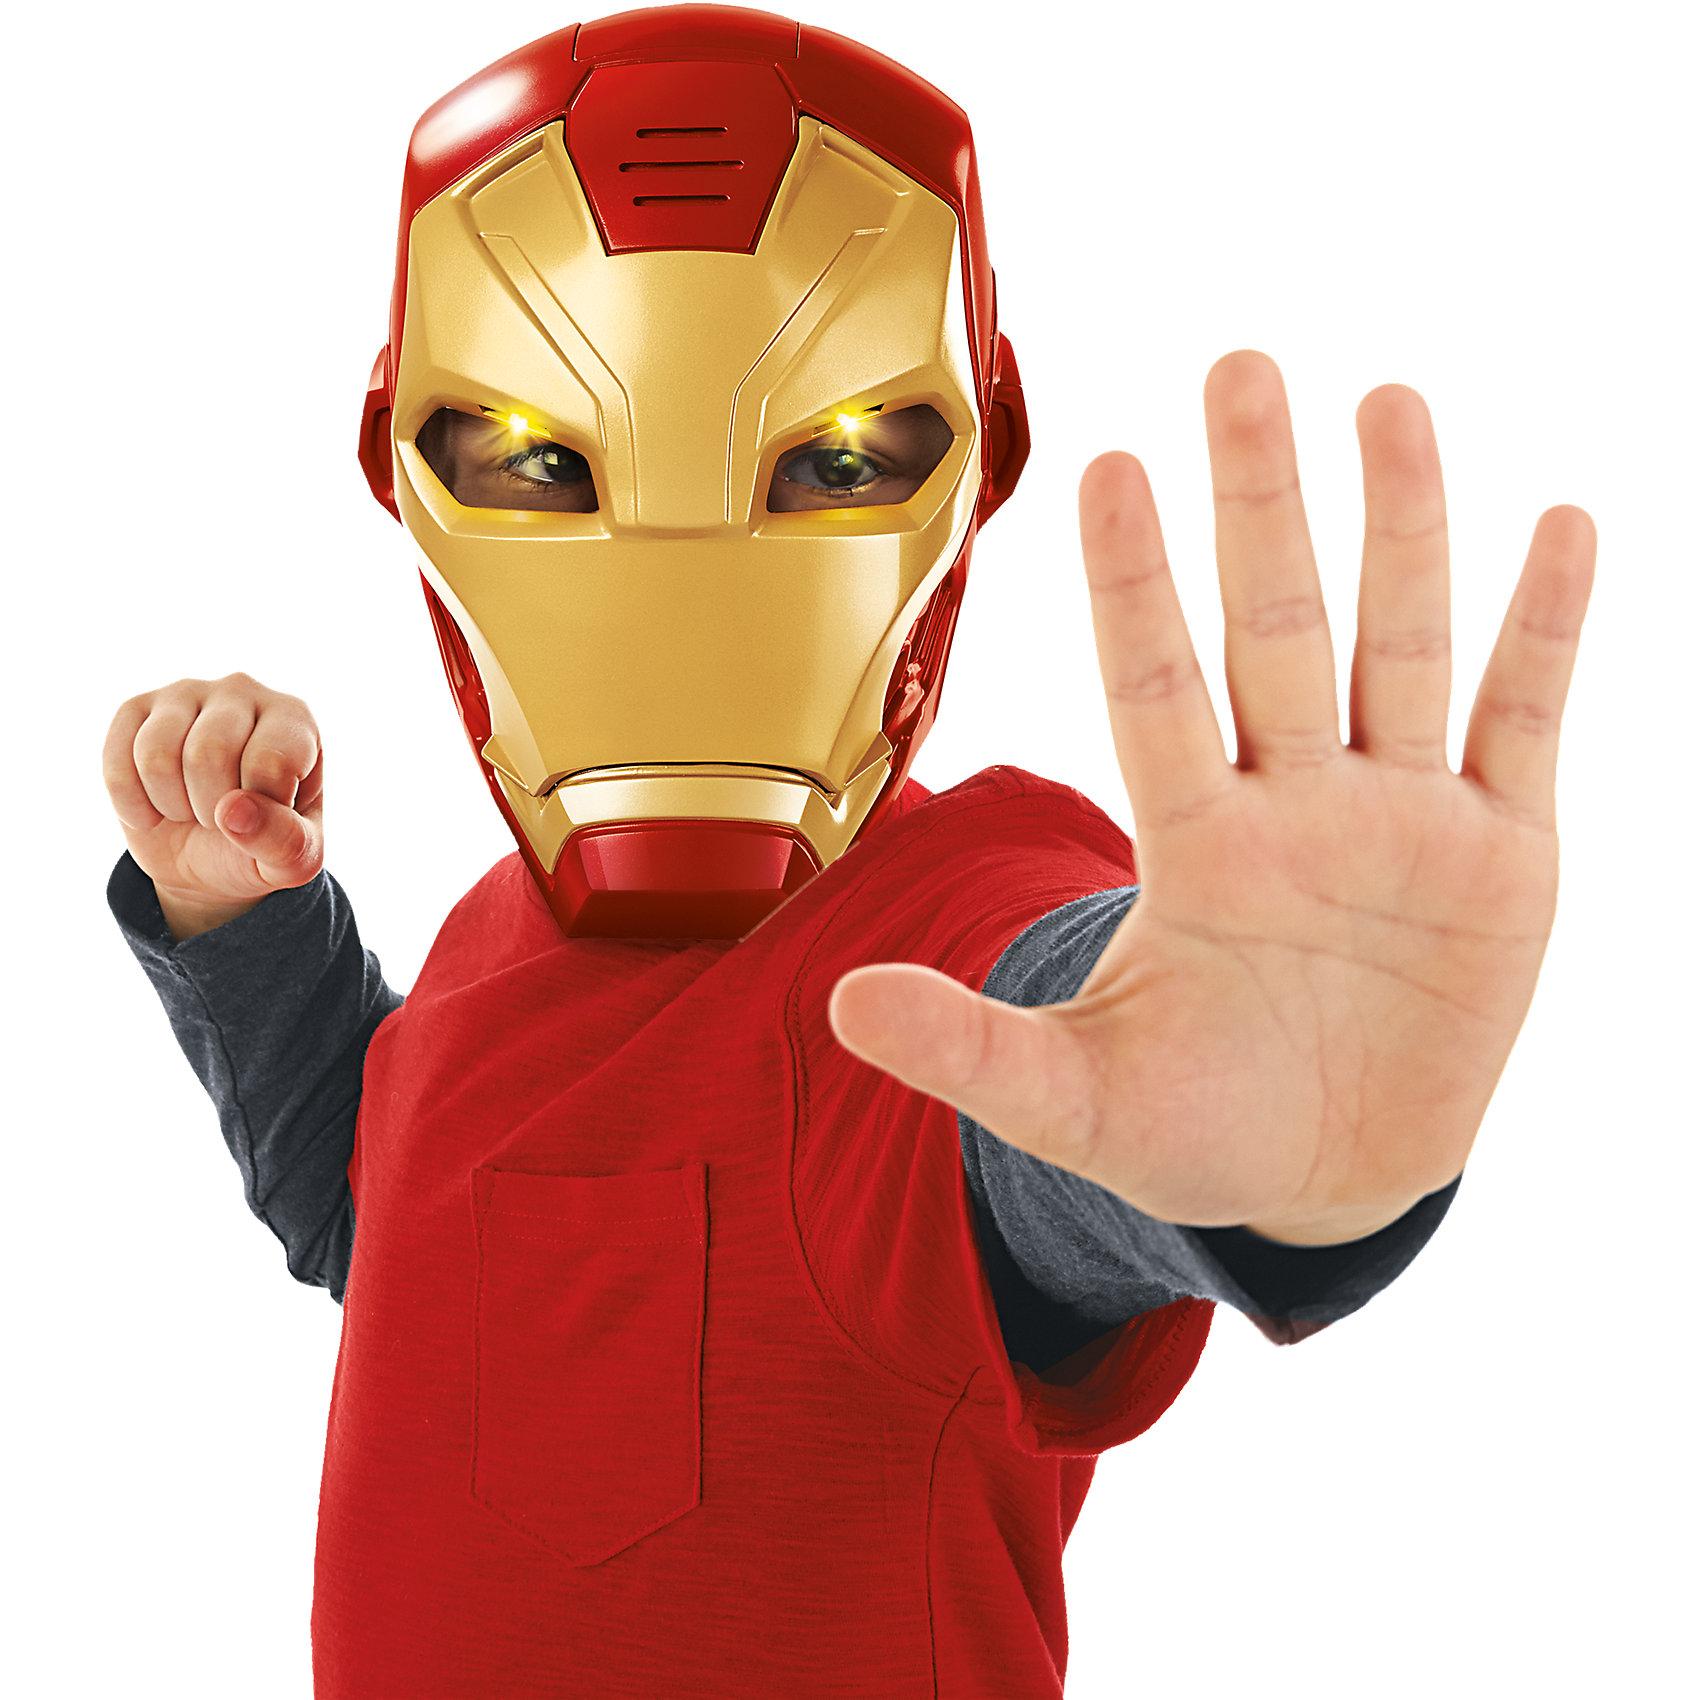 Электронная маска Железного ЧеловекаИгрушки<br>Электронная маска Железного Человека, Hasbro, станет отличным подарком для Вашего ребенка, особенно если он является поклонником популярных комиксов и фильмов о супергероях Мстители (Avengers). Популярный супергерой обладает мощным костюмом, который великолепно защищает его от противников и придает ему силу и ловкость. Маска поможет ребенку представить себя в роли любимого персонажа и погрузиться с друзьями в увлекательный игровой процесс. Игрушка из прочного качественного пластика выполнена очень реалистично, все детали тщательно проработаны. Маска оснащена звуковым модулем: при открытии и закрытии забрала раздаются звуки и фразы из фильма. Когда головной убор закрывается, в глазах игрушки загорается ярко-желтый свет. Маска комфортно фиксируется с помощью удобных мягких ремешков, которые можно отрегулировать до нужного размера. <br><br>Дополнительная информация:<br><br>- Материал: пластик.<br>- Требуются батарейки: 2 х ААА (входят в комплект). <br>- Размер игрушки: 10 х 20,5 х 28 см. <br>- Размер упаковки: 32 х 23 х 30 см.<br>- Вес: 0,5 кг.<br><br>Электронную маску Железного Человека, Hasbro, можно купить в нашем интернет-магазине.<br><br>Ширина мм: 280<br>Глубина мм: 220<br>Высота мм: 112<br>Вес г: 456<br>Возраст от месяцев: 48<br>Возраст до месяцев: 108<br>Пол: Мужской<br>Возраст: Детский<br>SKU: 4326306